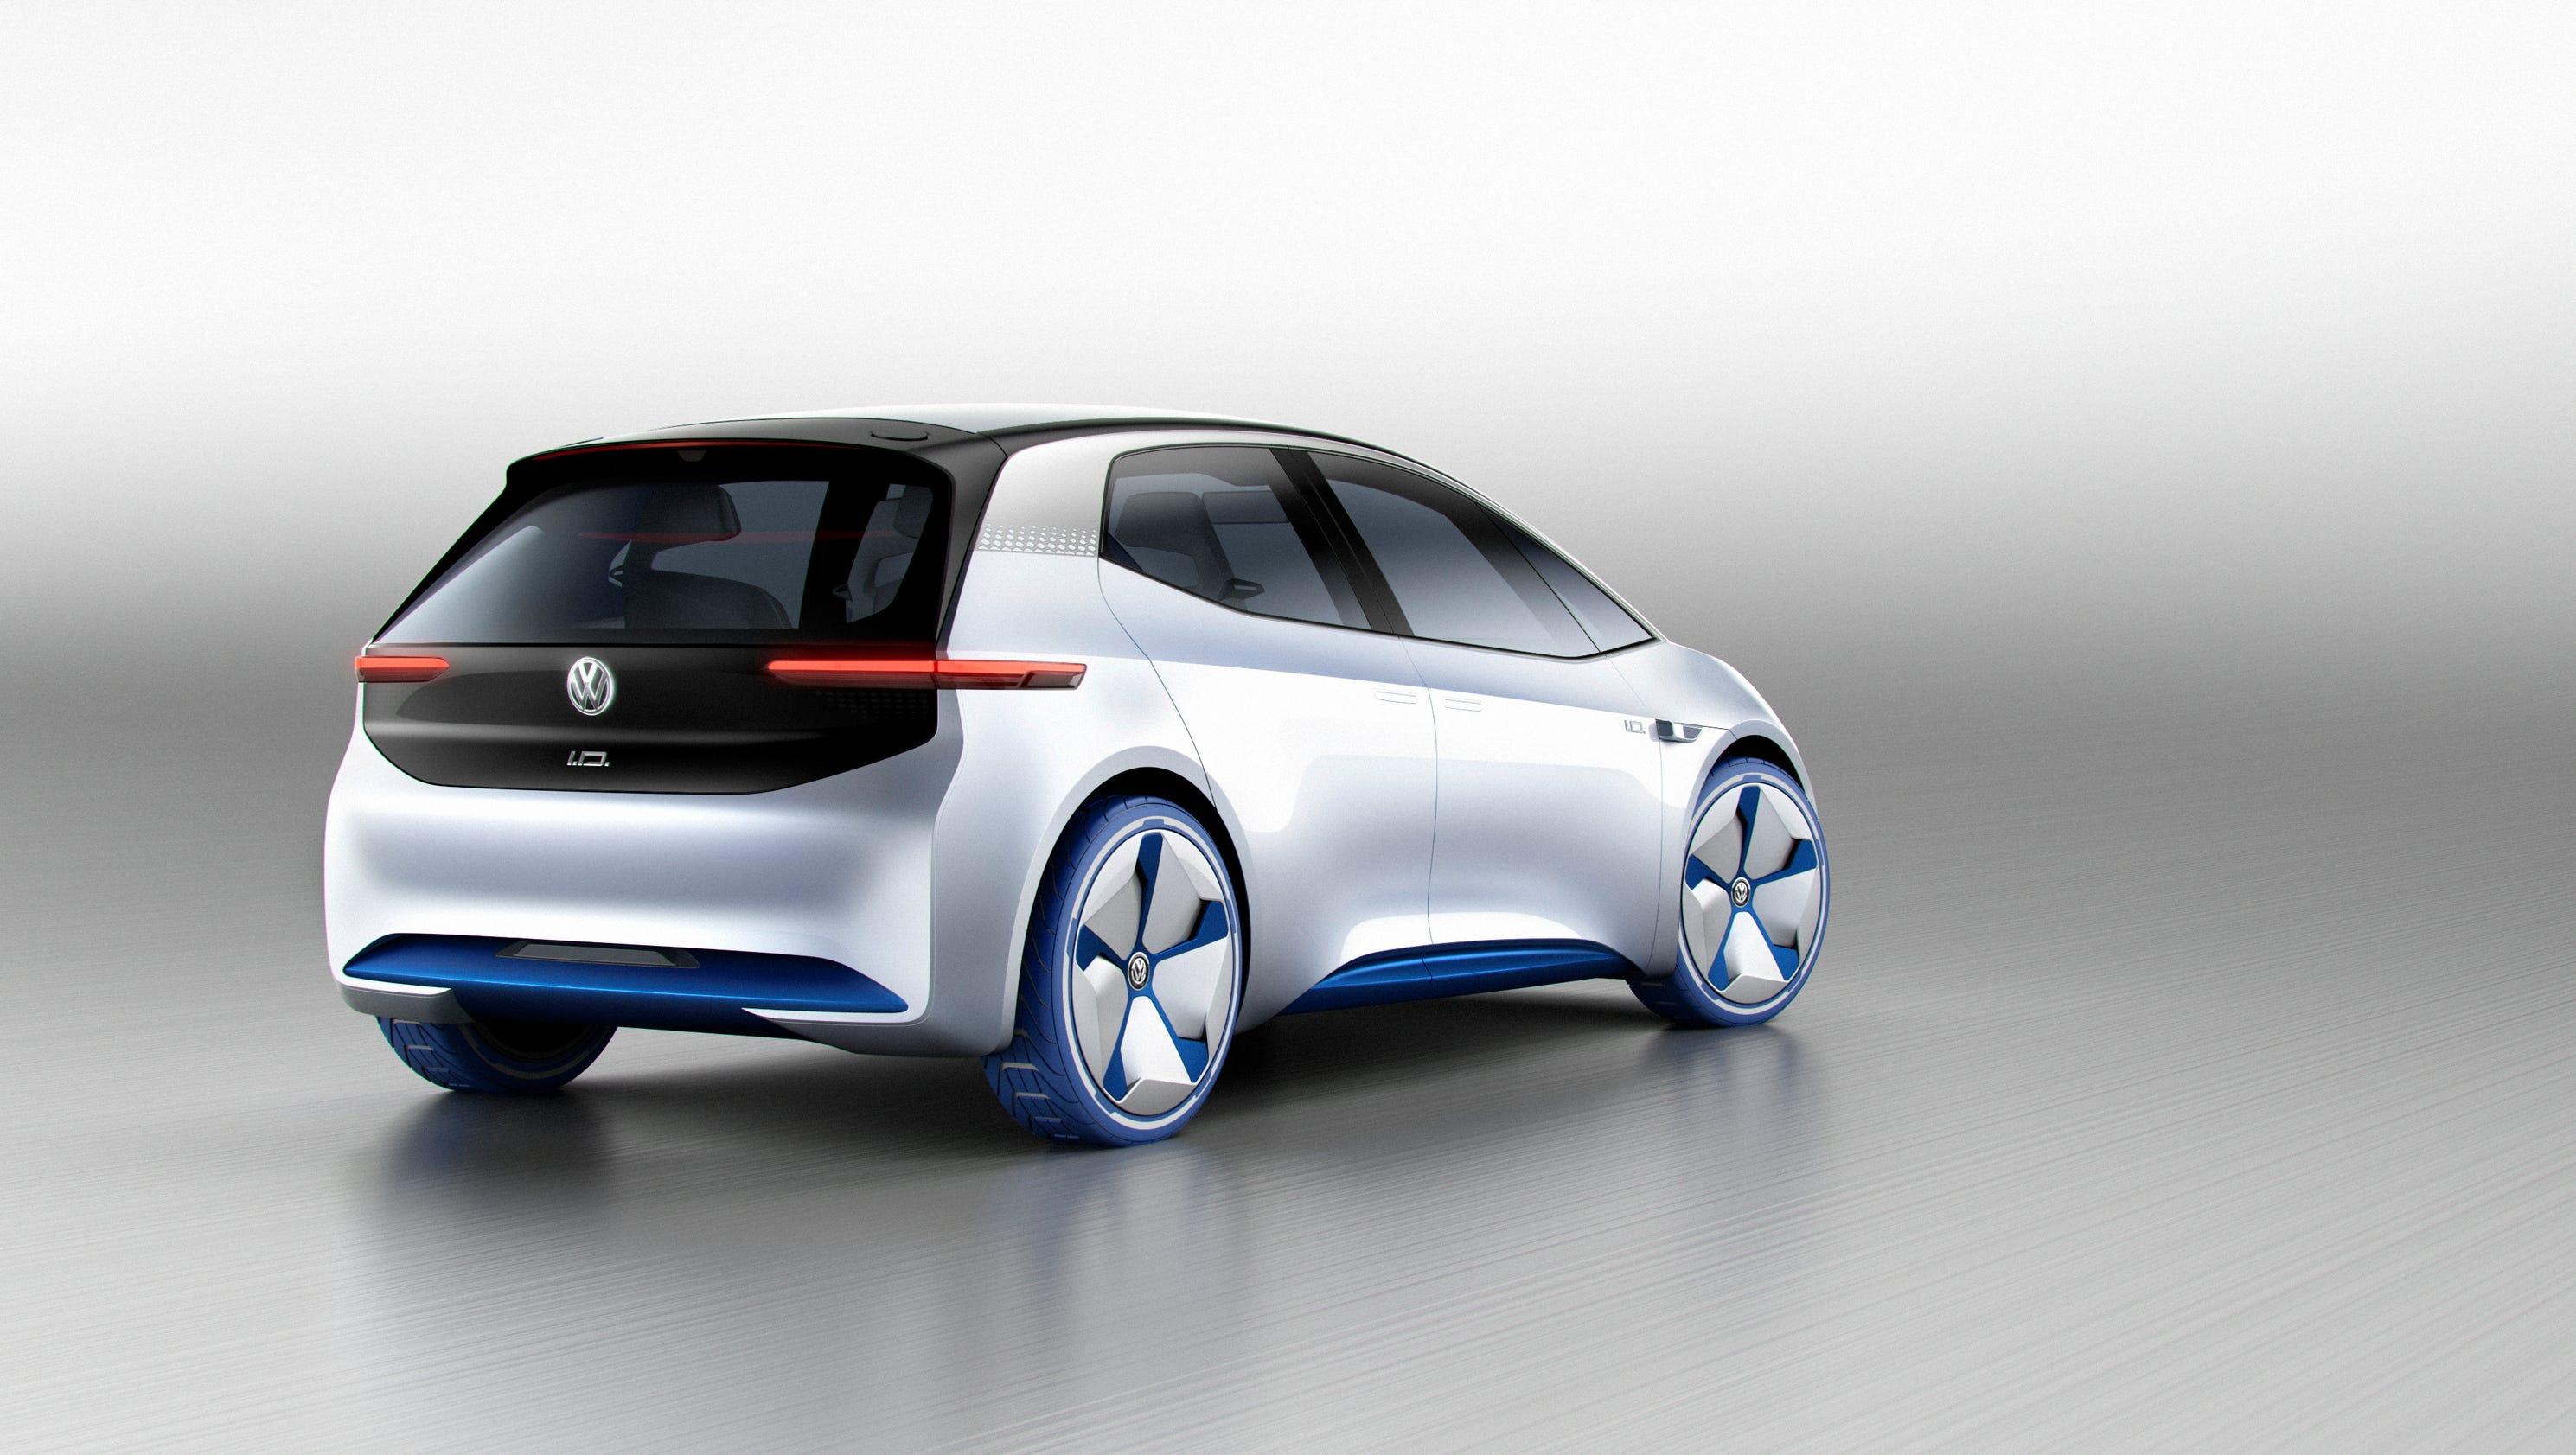 volkswagen i d electric car concept. Black Bedroom Furniture Sets. Home Design Ideas